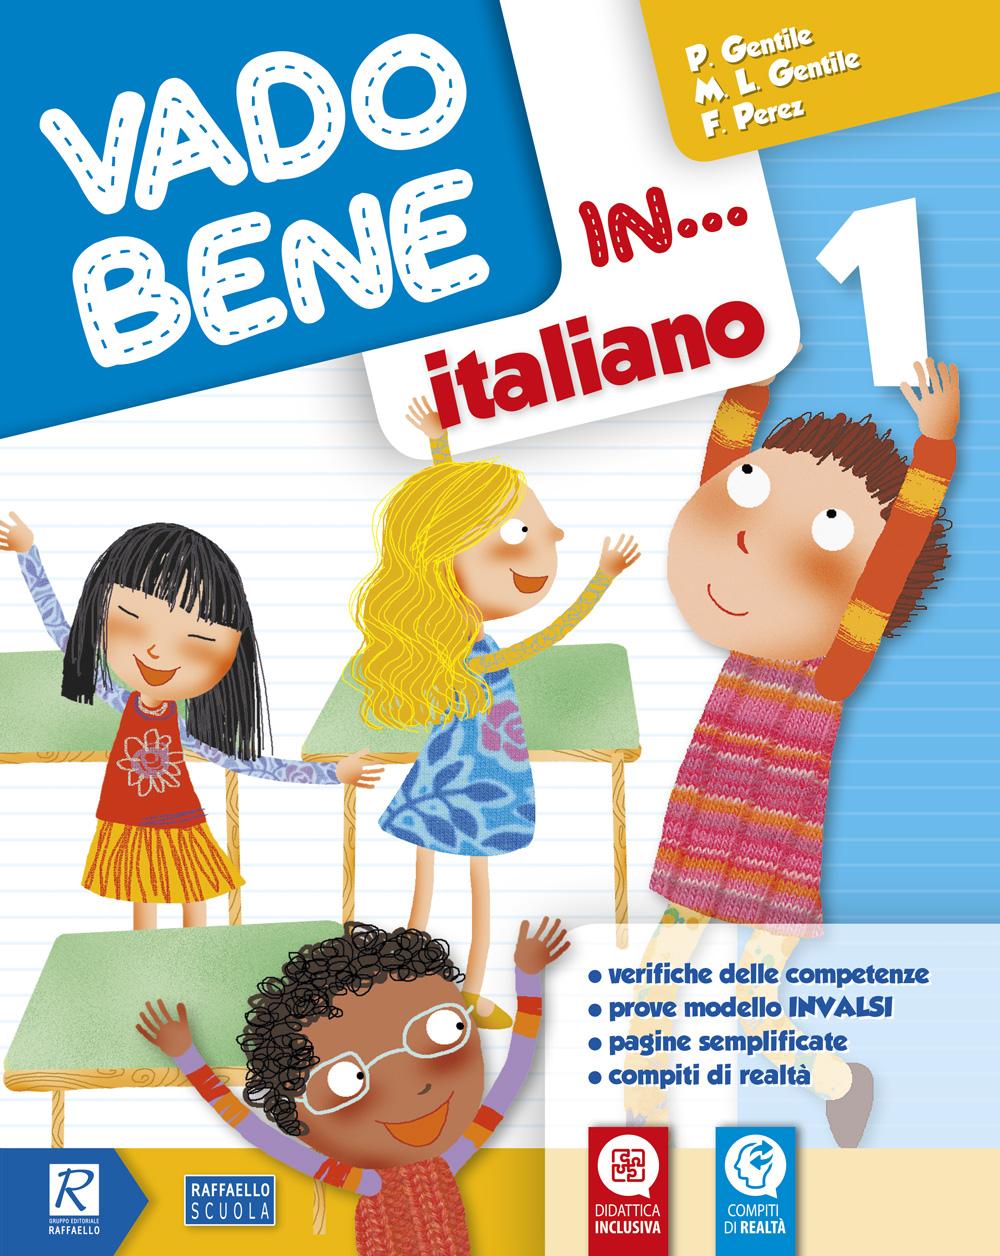 Vado bene in... Italiano